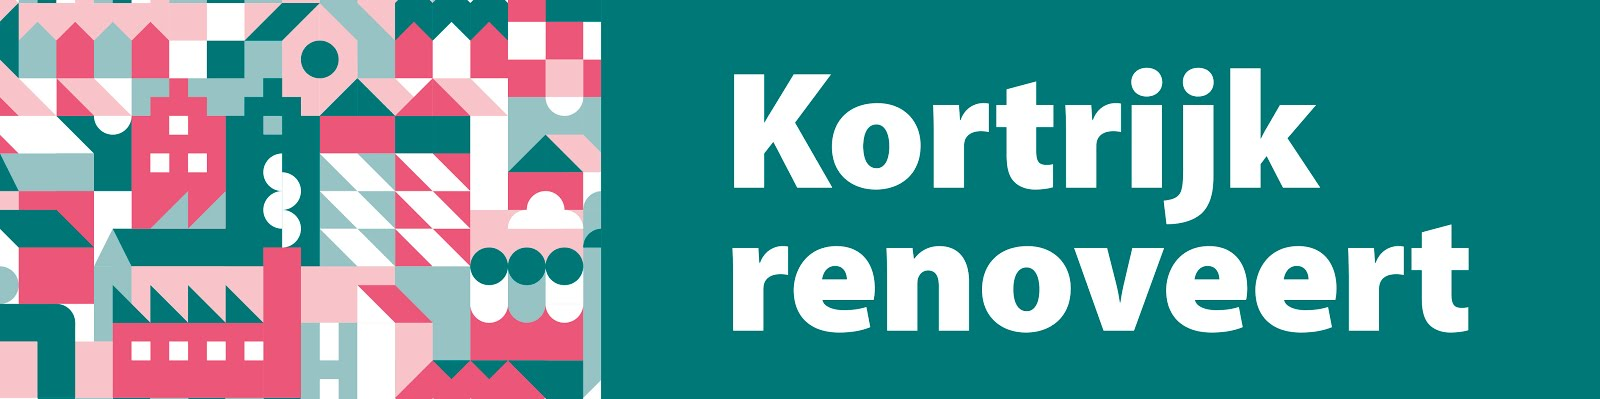 Kortrijk renoveert